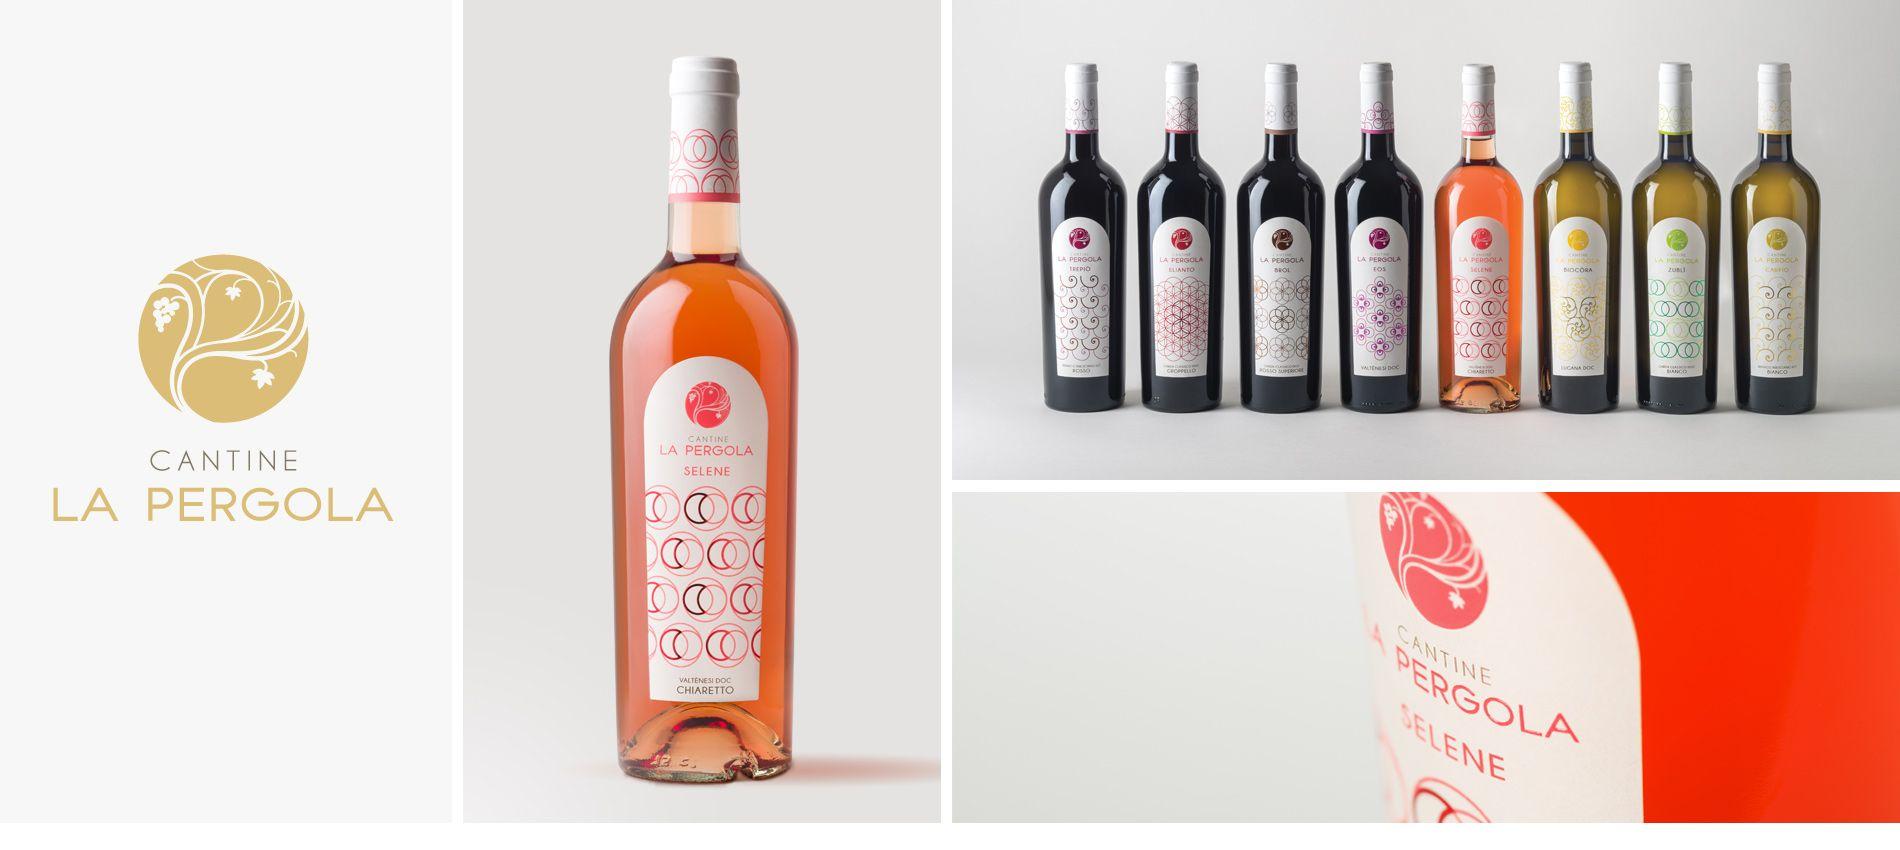 CANTINE LA PERGOLA, brand identity, label and logo design